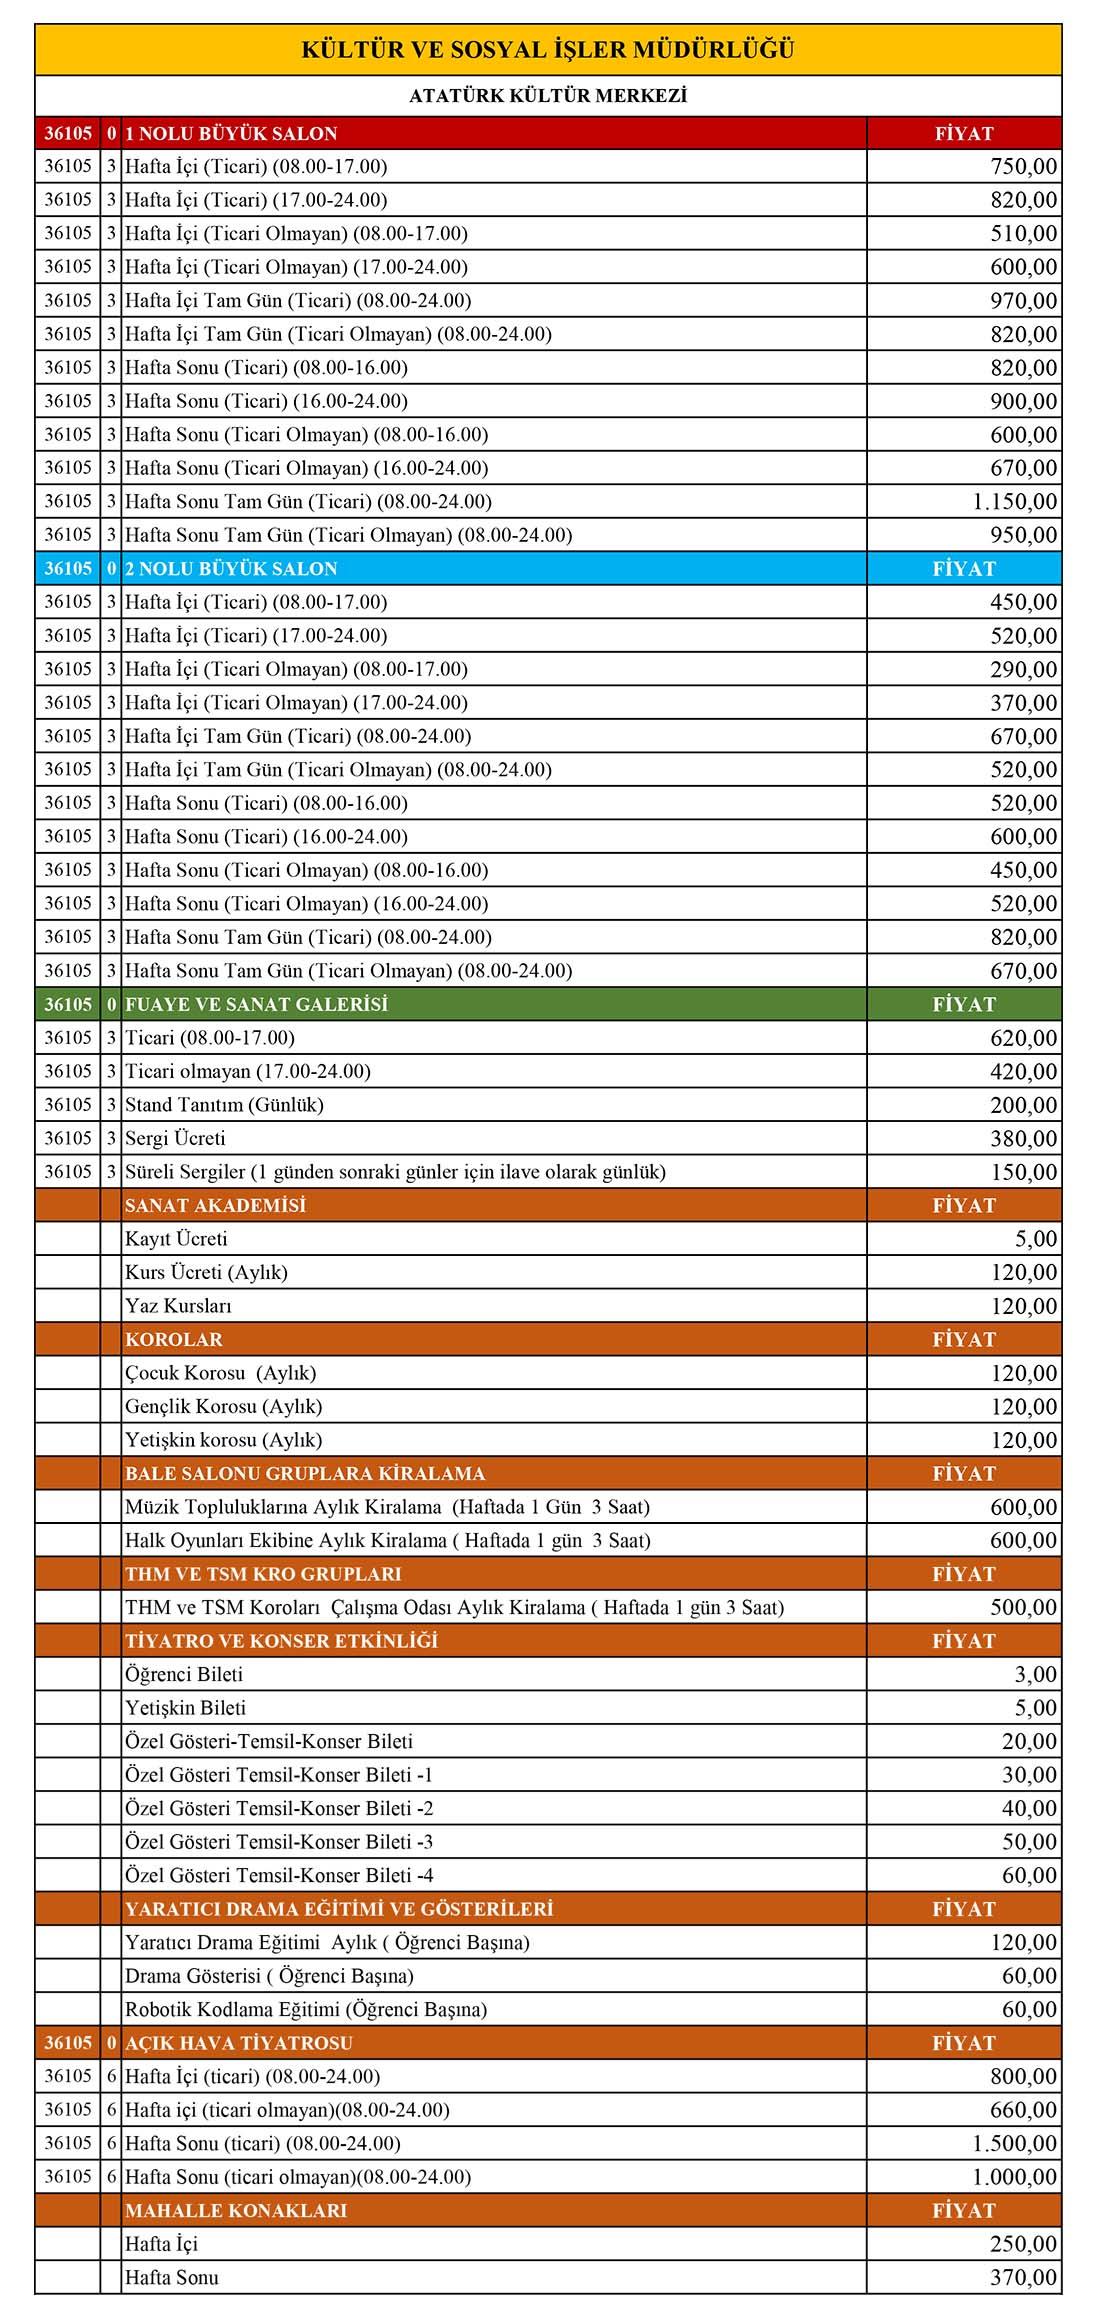 2020-fiyat-tarifesi